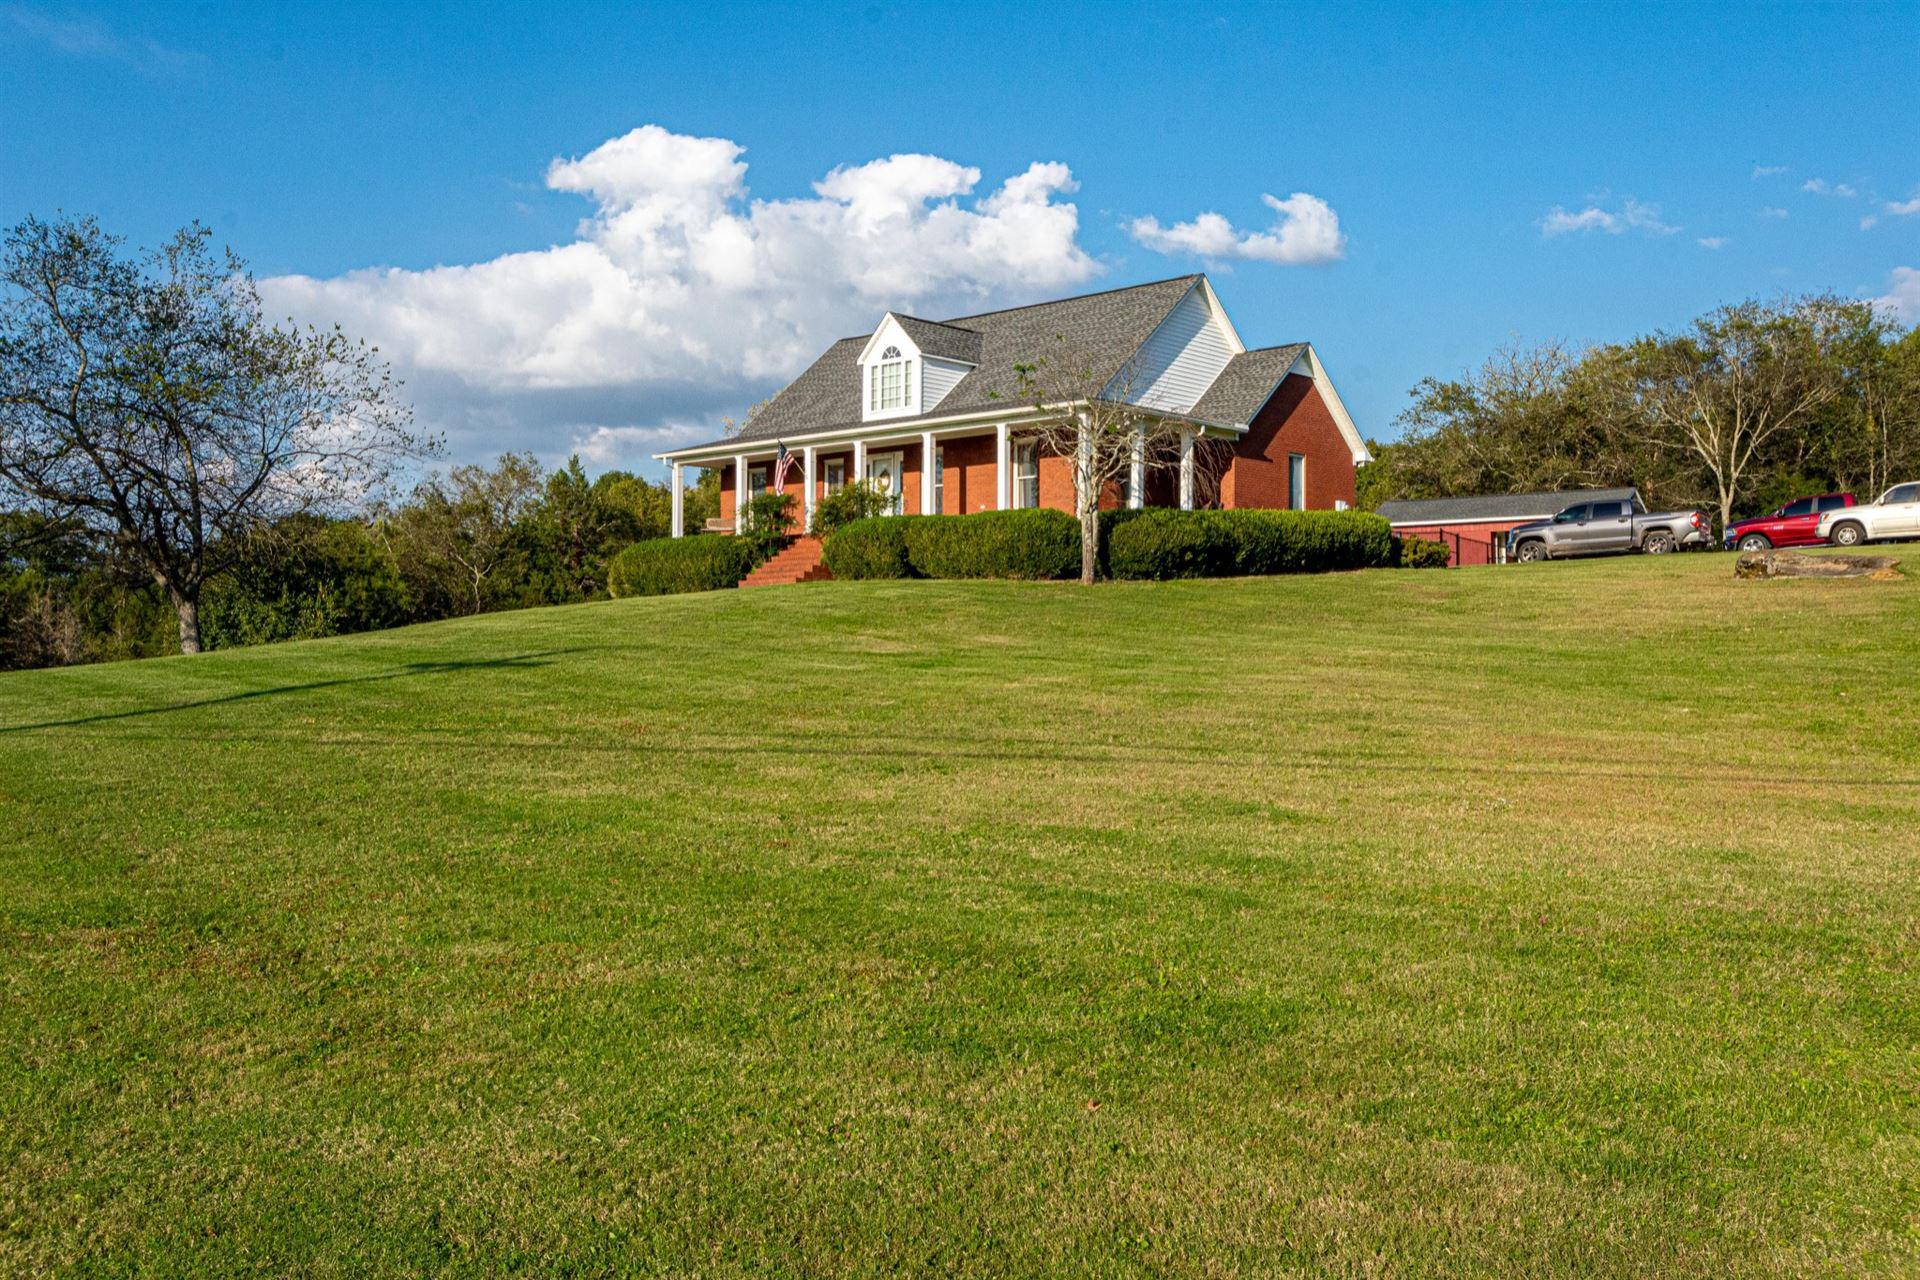 Photo of 1649 Elkton Pike, Pulaski, TN 38478 (MLS # 2300592)